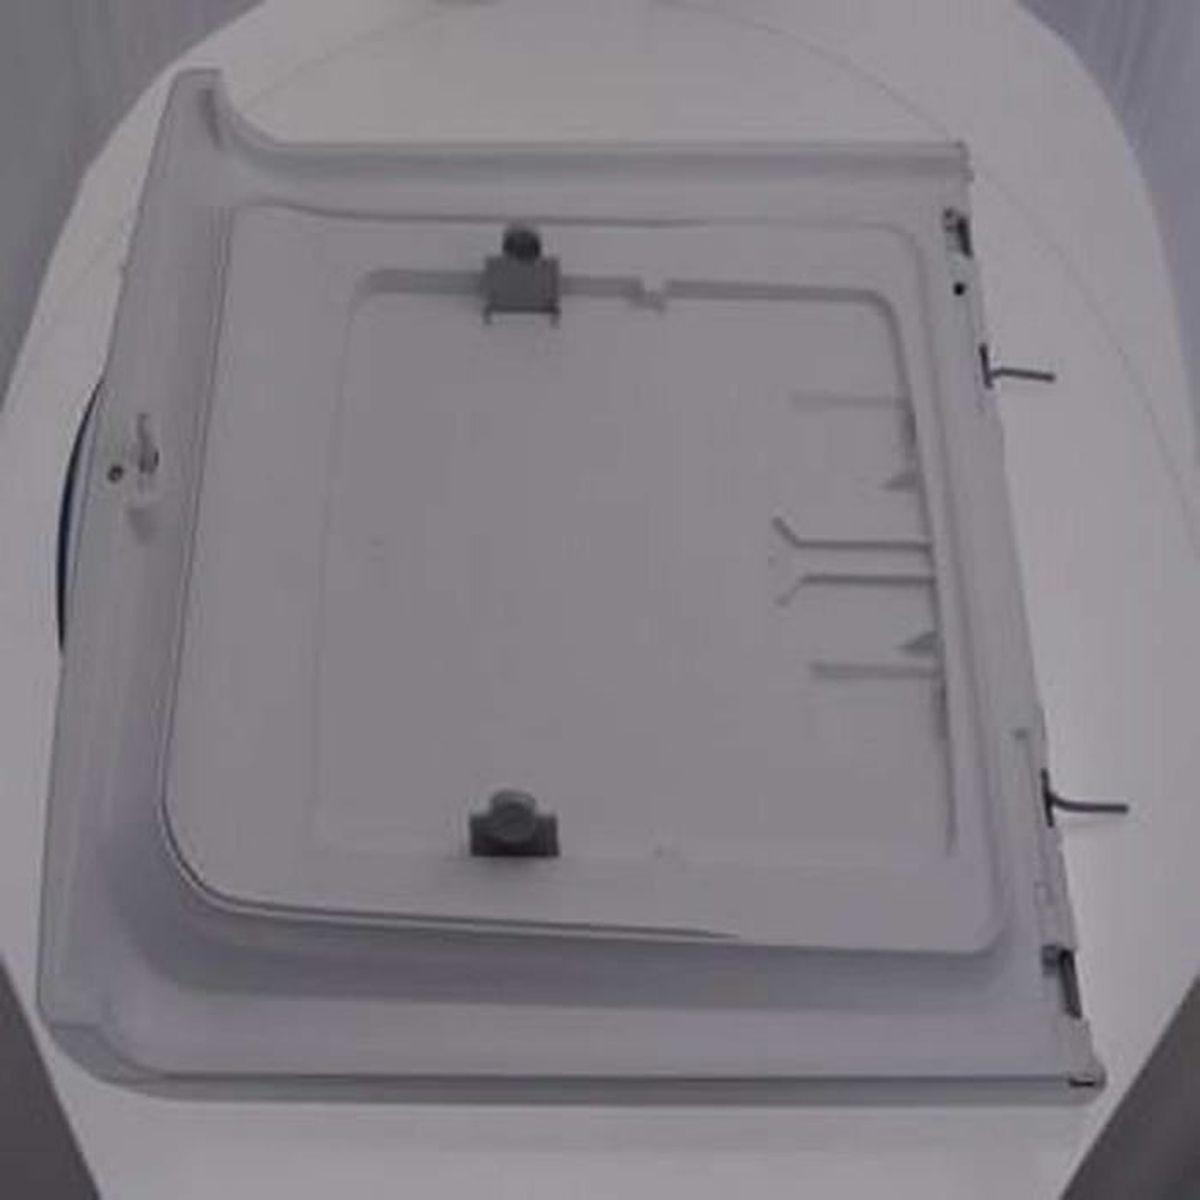 couvercle de lave linge complet pour lave linge laden whirlpool achat vente pi ce lavage. Black Bedroom Furniture Sets. Home Design Ideas